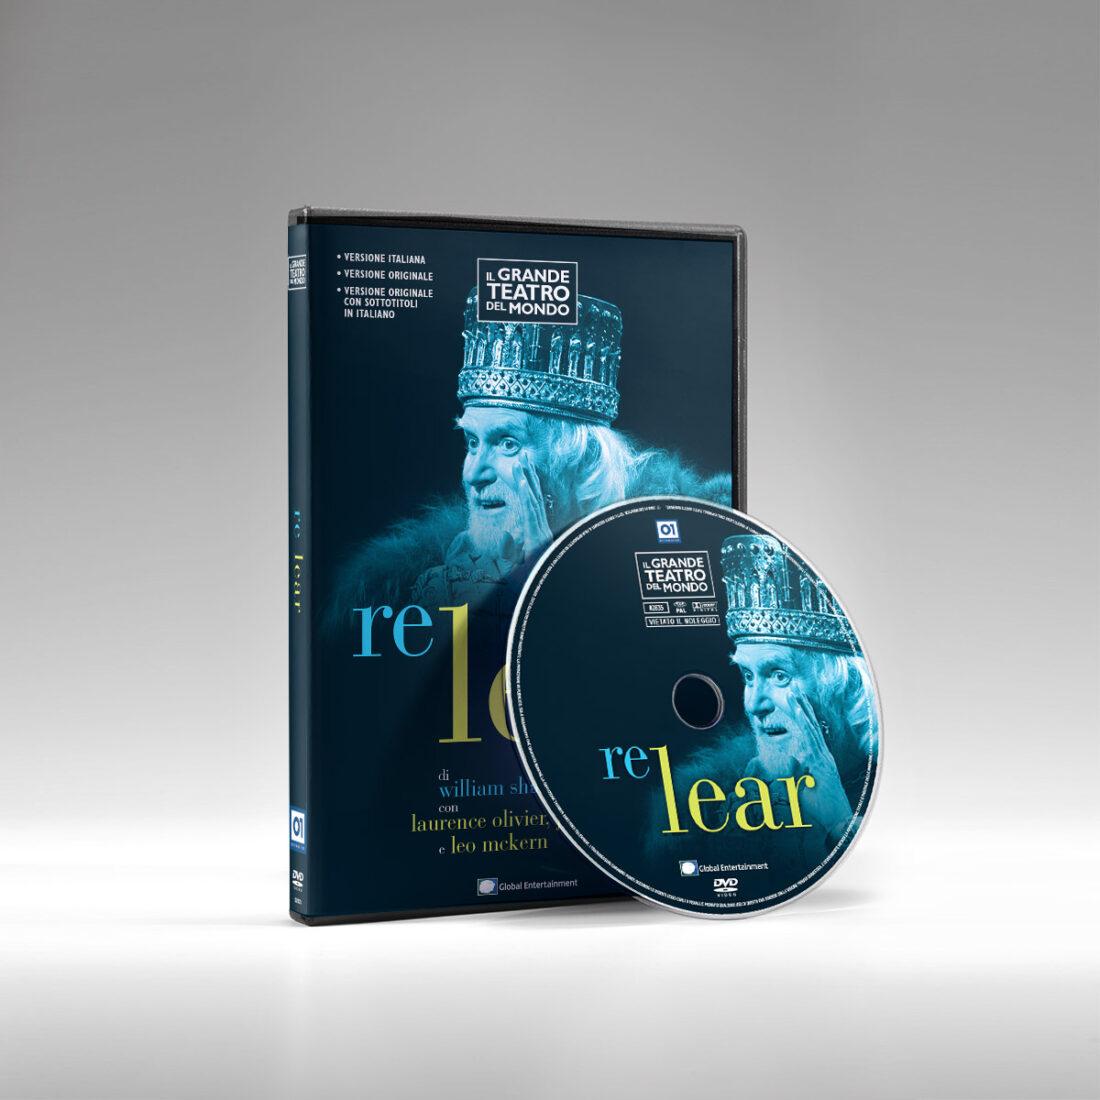 Packshot con fascetta e label di Re Lear - Collana DVD Il Grande Teatro del mondo